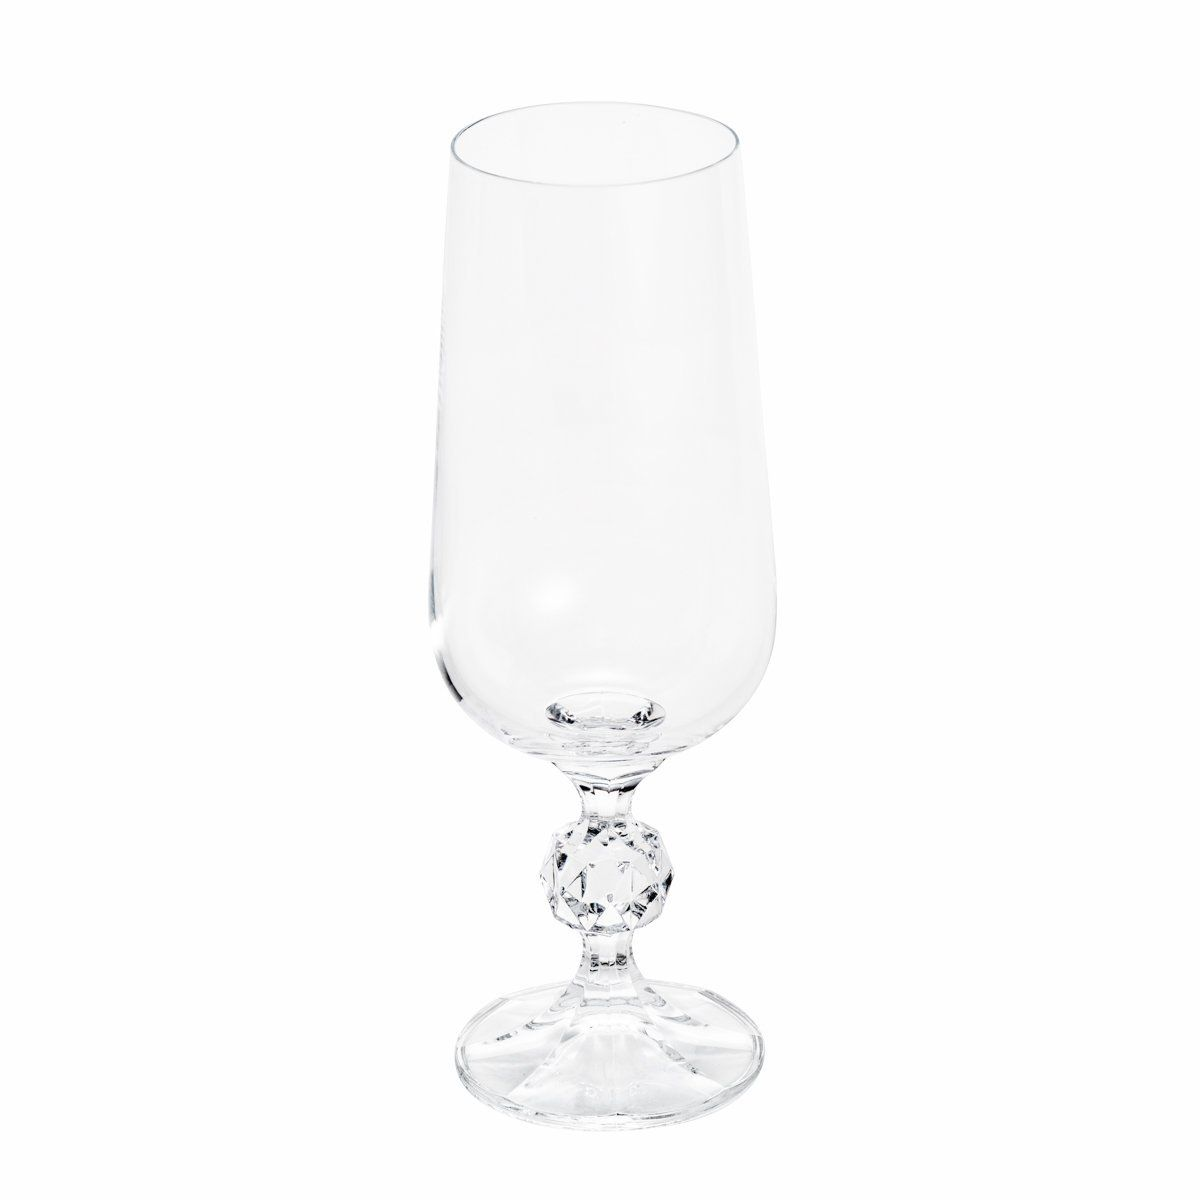 Jogo 6 taças 280ml para cerveja de cristal ecológico transparente Klaudie Bohemia - 5442